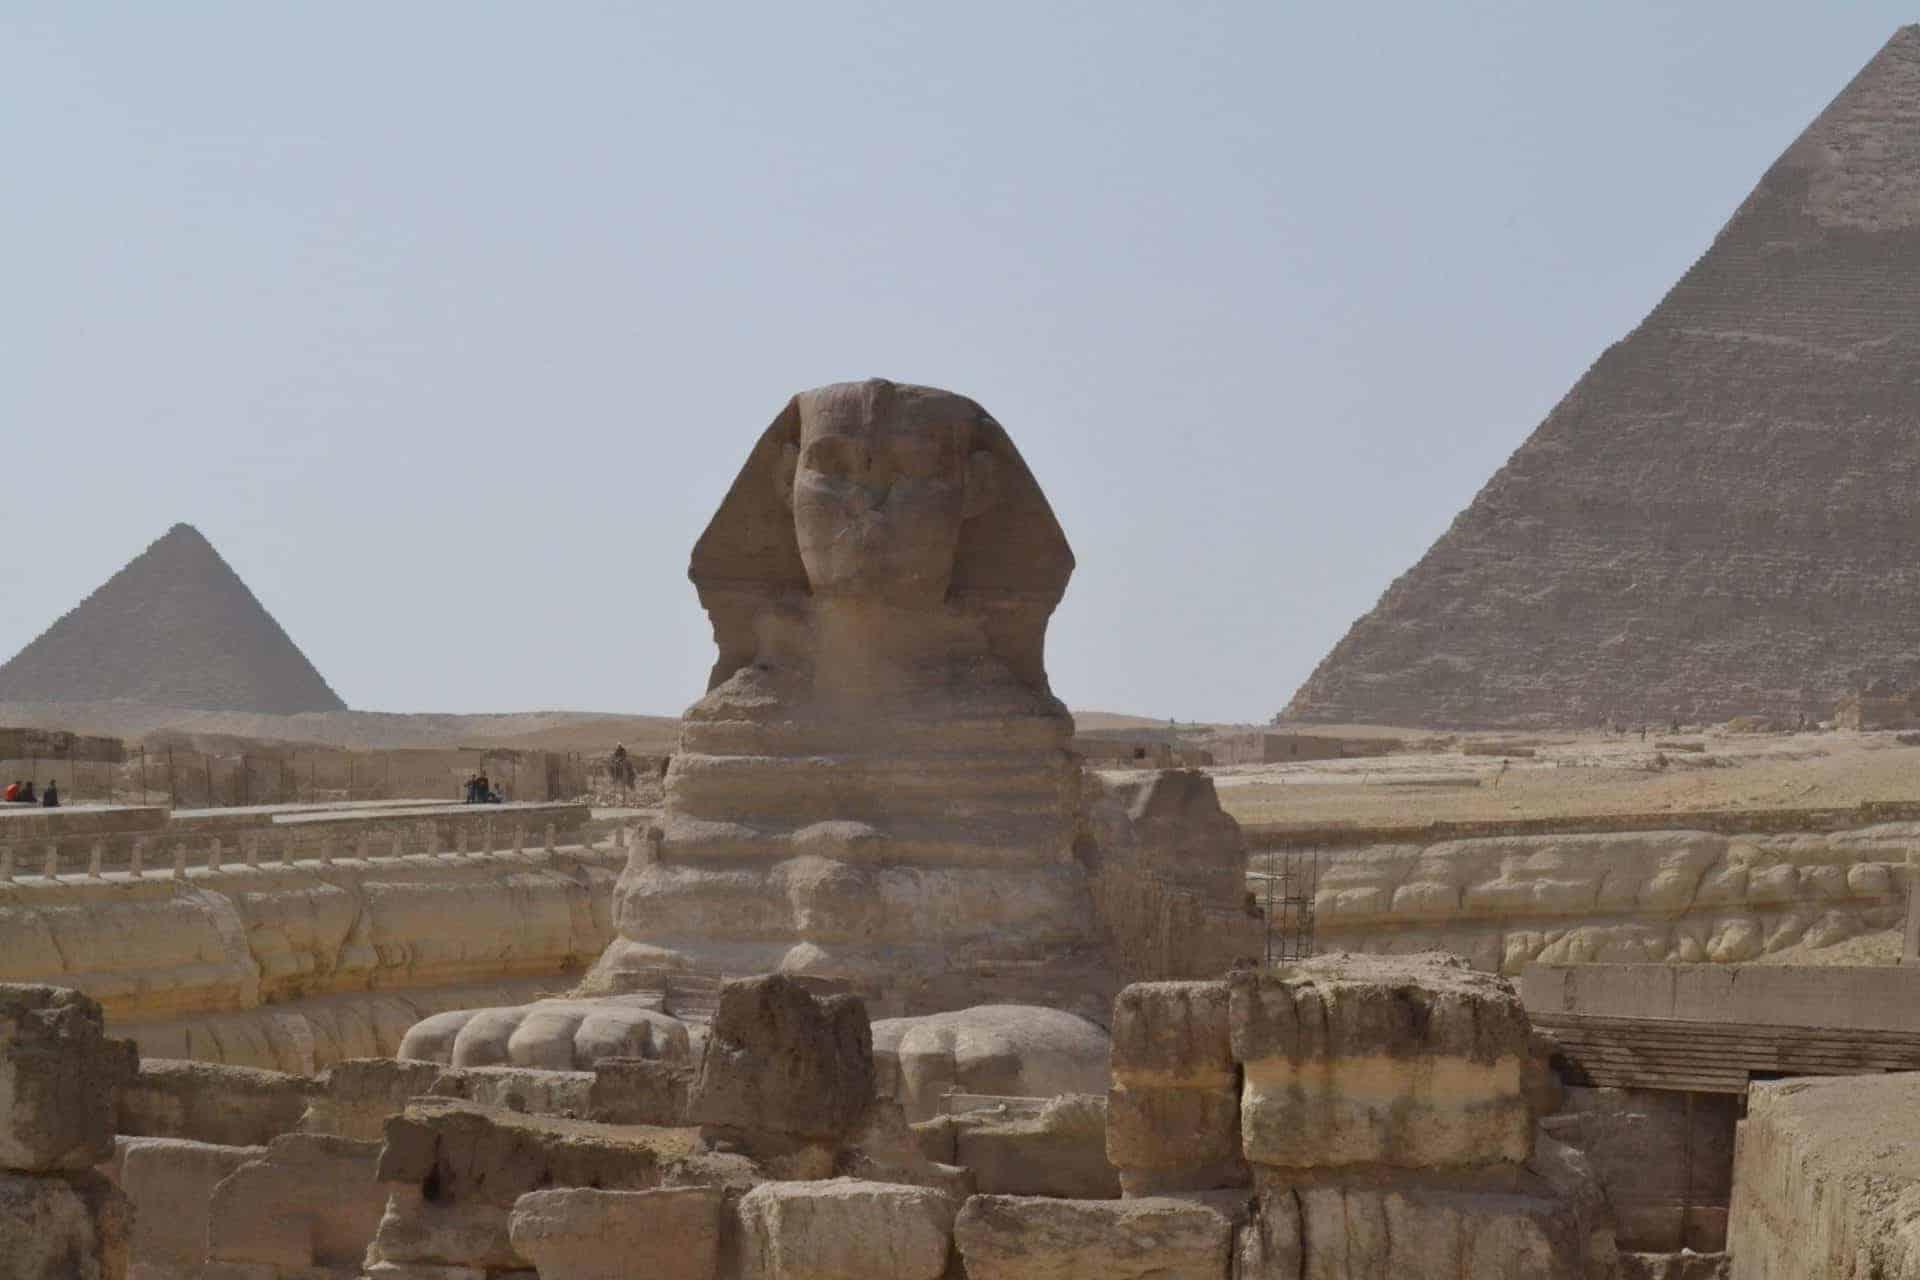 pyramidsofgiza_Giza Tour Point 14 Photo